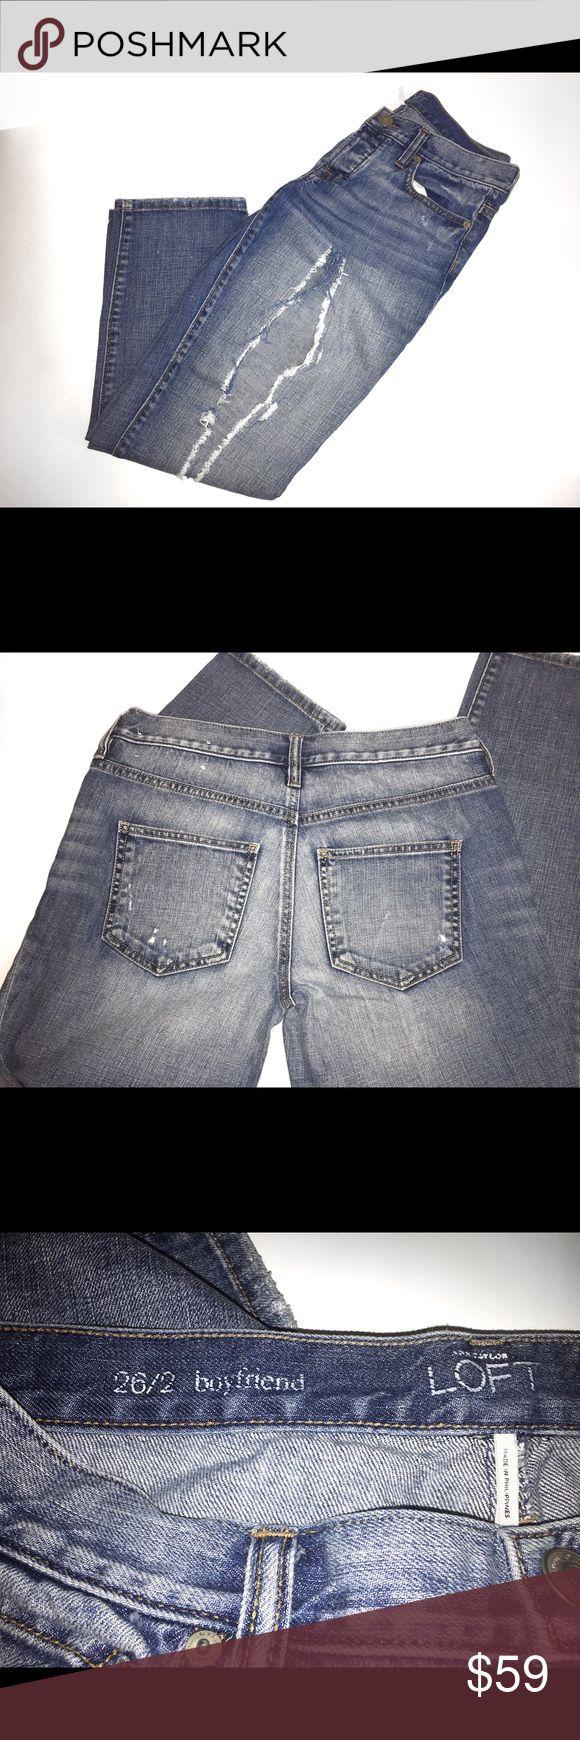 Womens Distressed Jeans Size 26/2 Boyfriend like new Ann Taylor Jeans Boyfriend